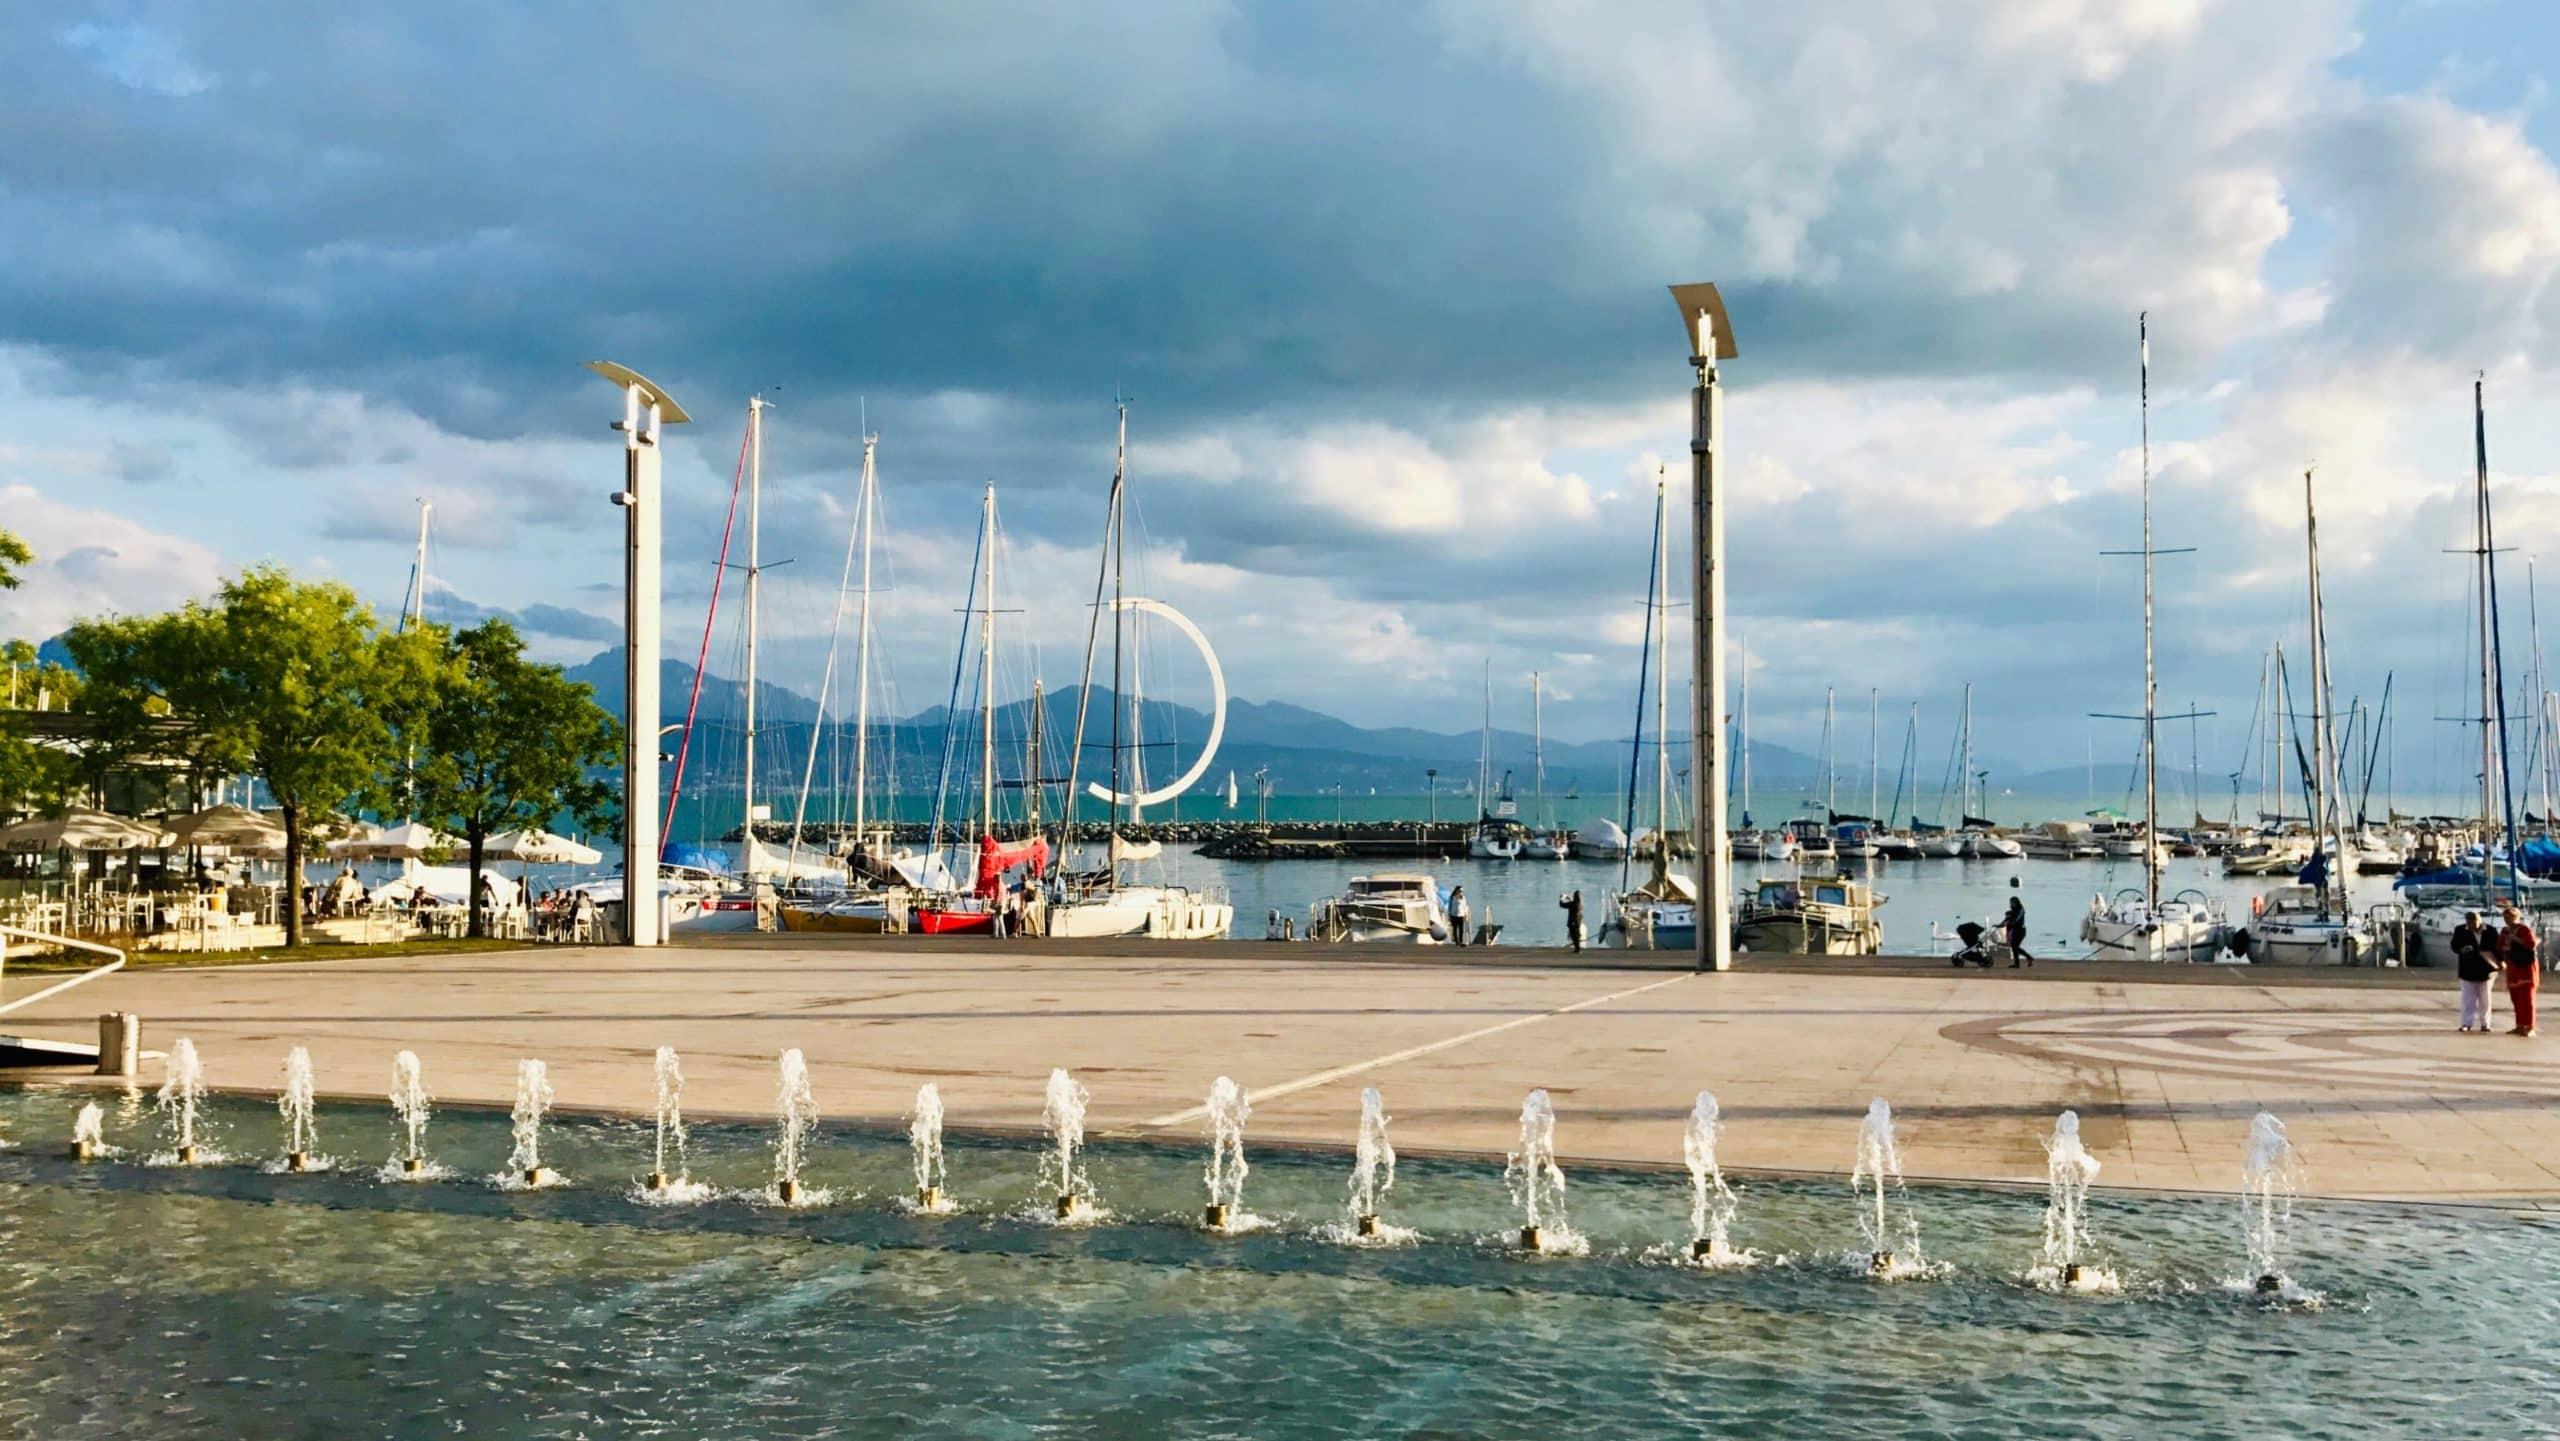 Place de la Navigation. Jets d'eau au premier plan, esplanade au second et le lac avec en arrière-fond les montagnes françaises.